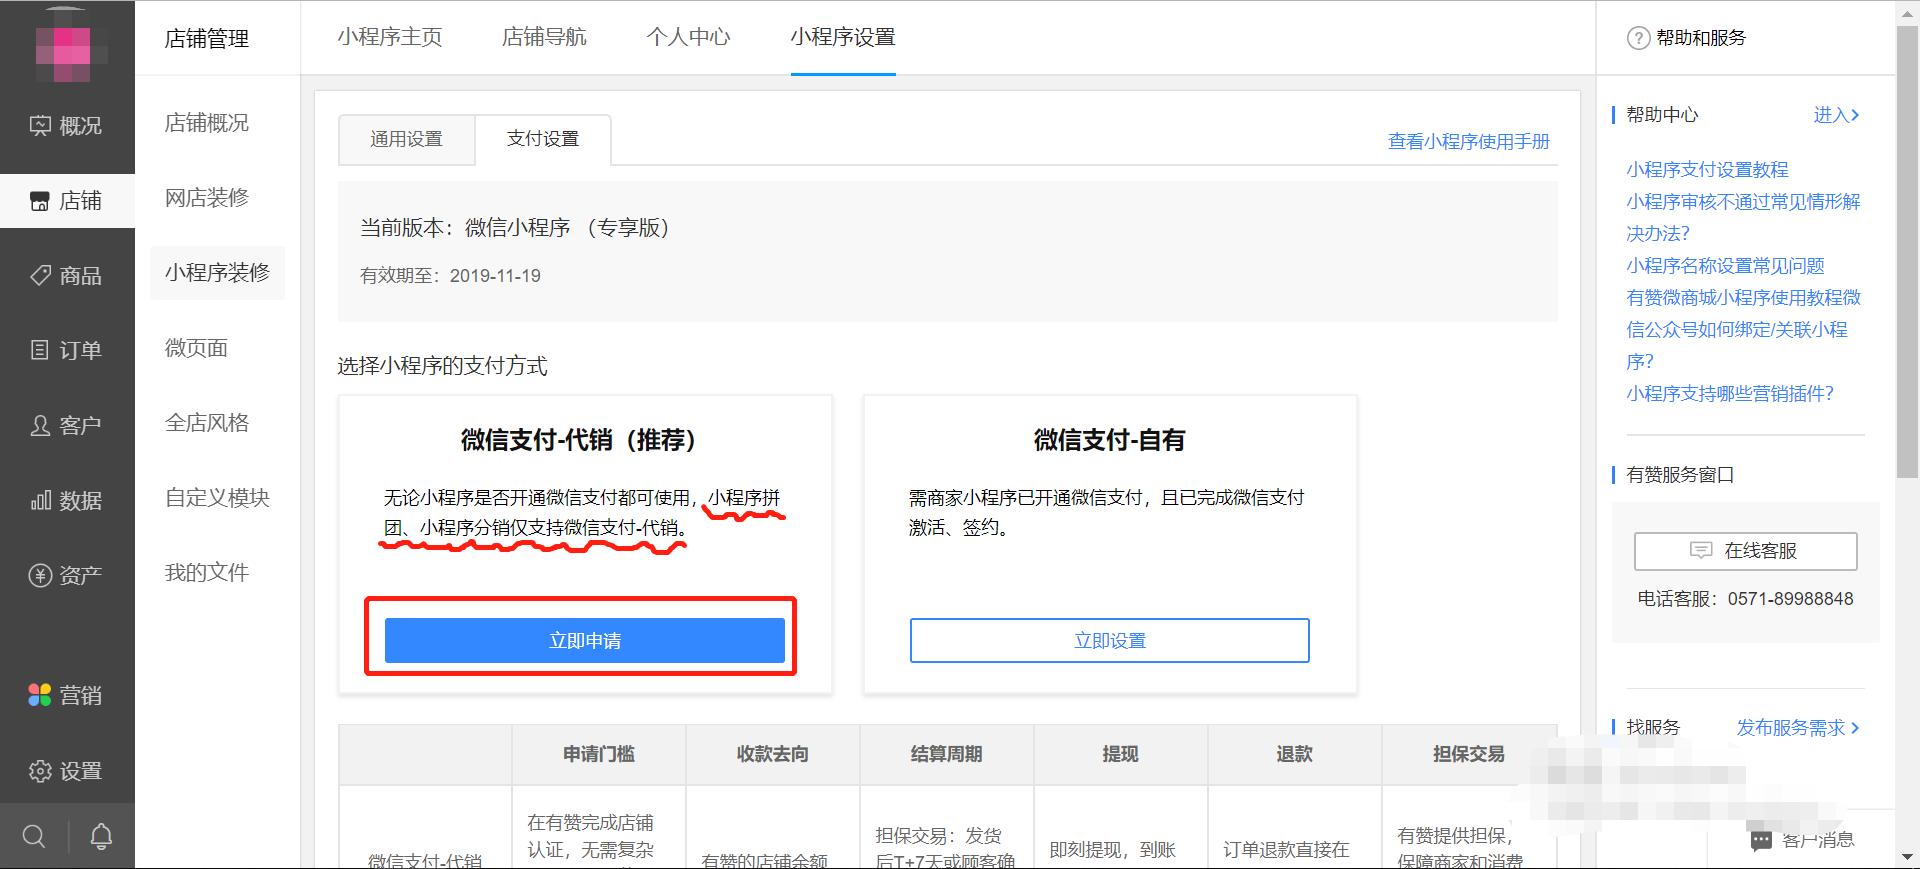 申请代销支付页面.jpg